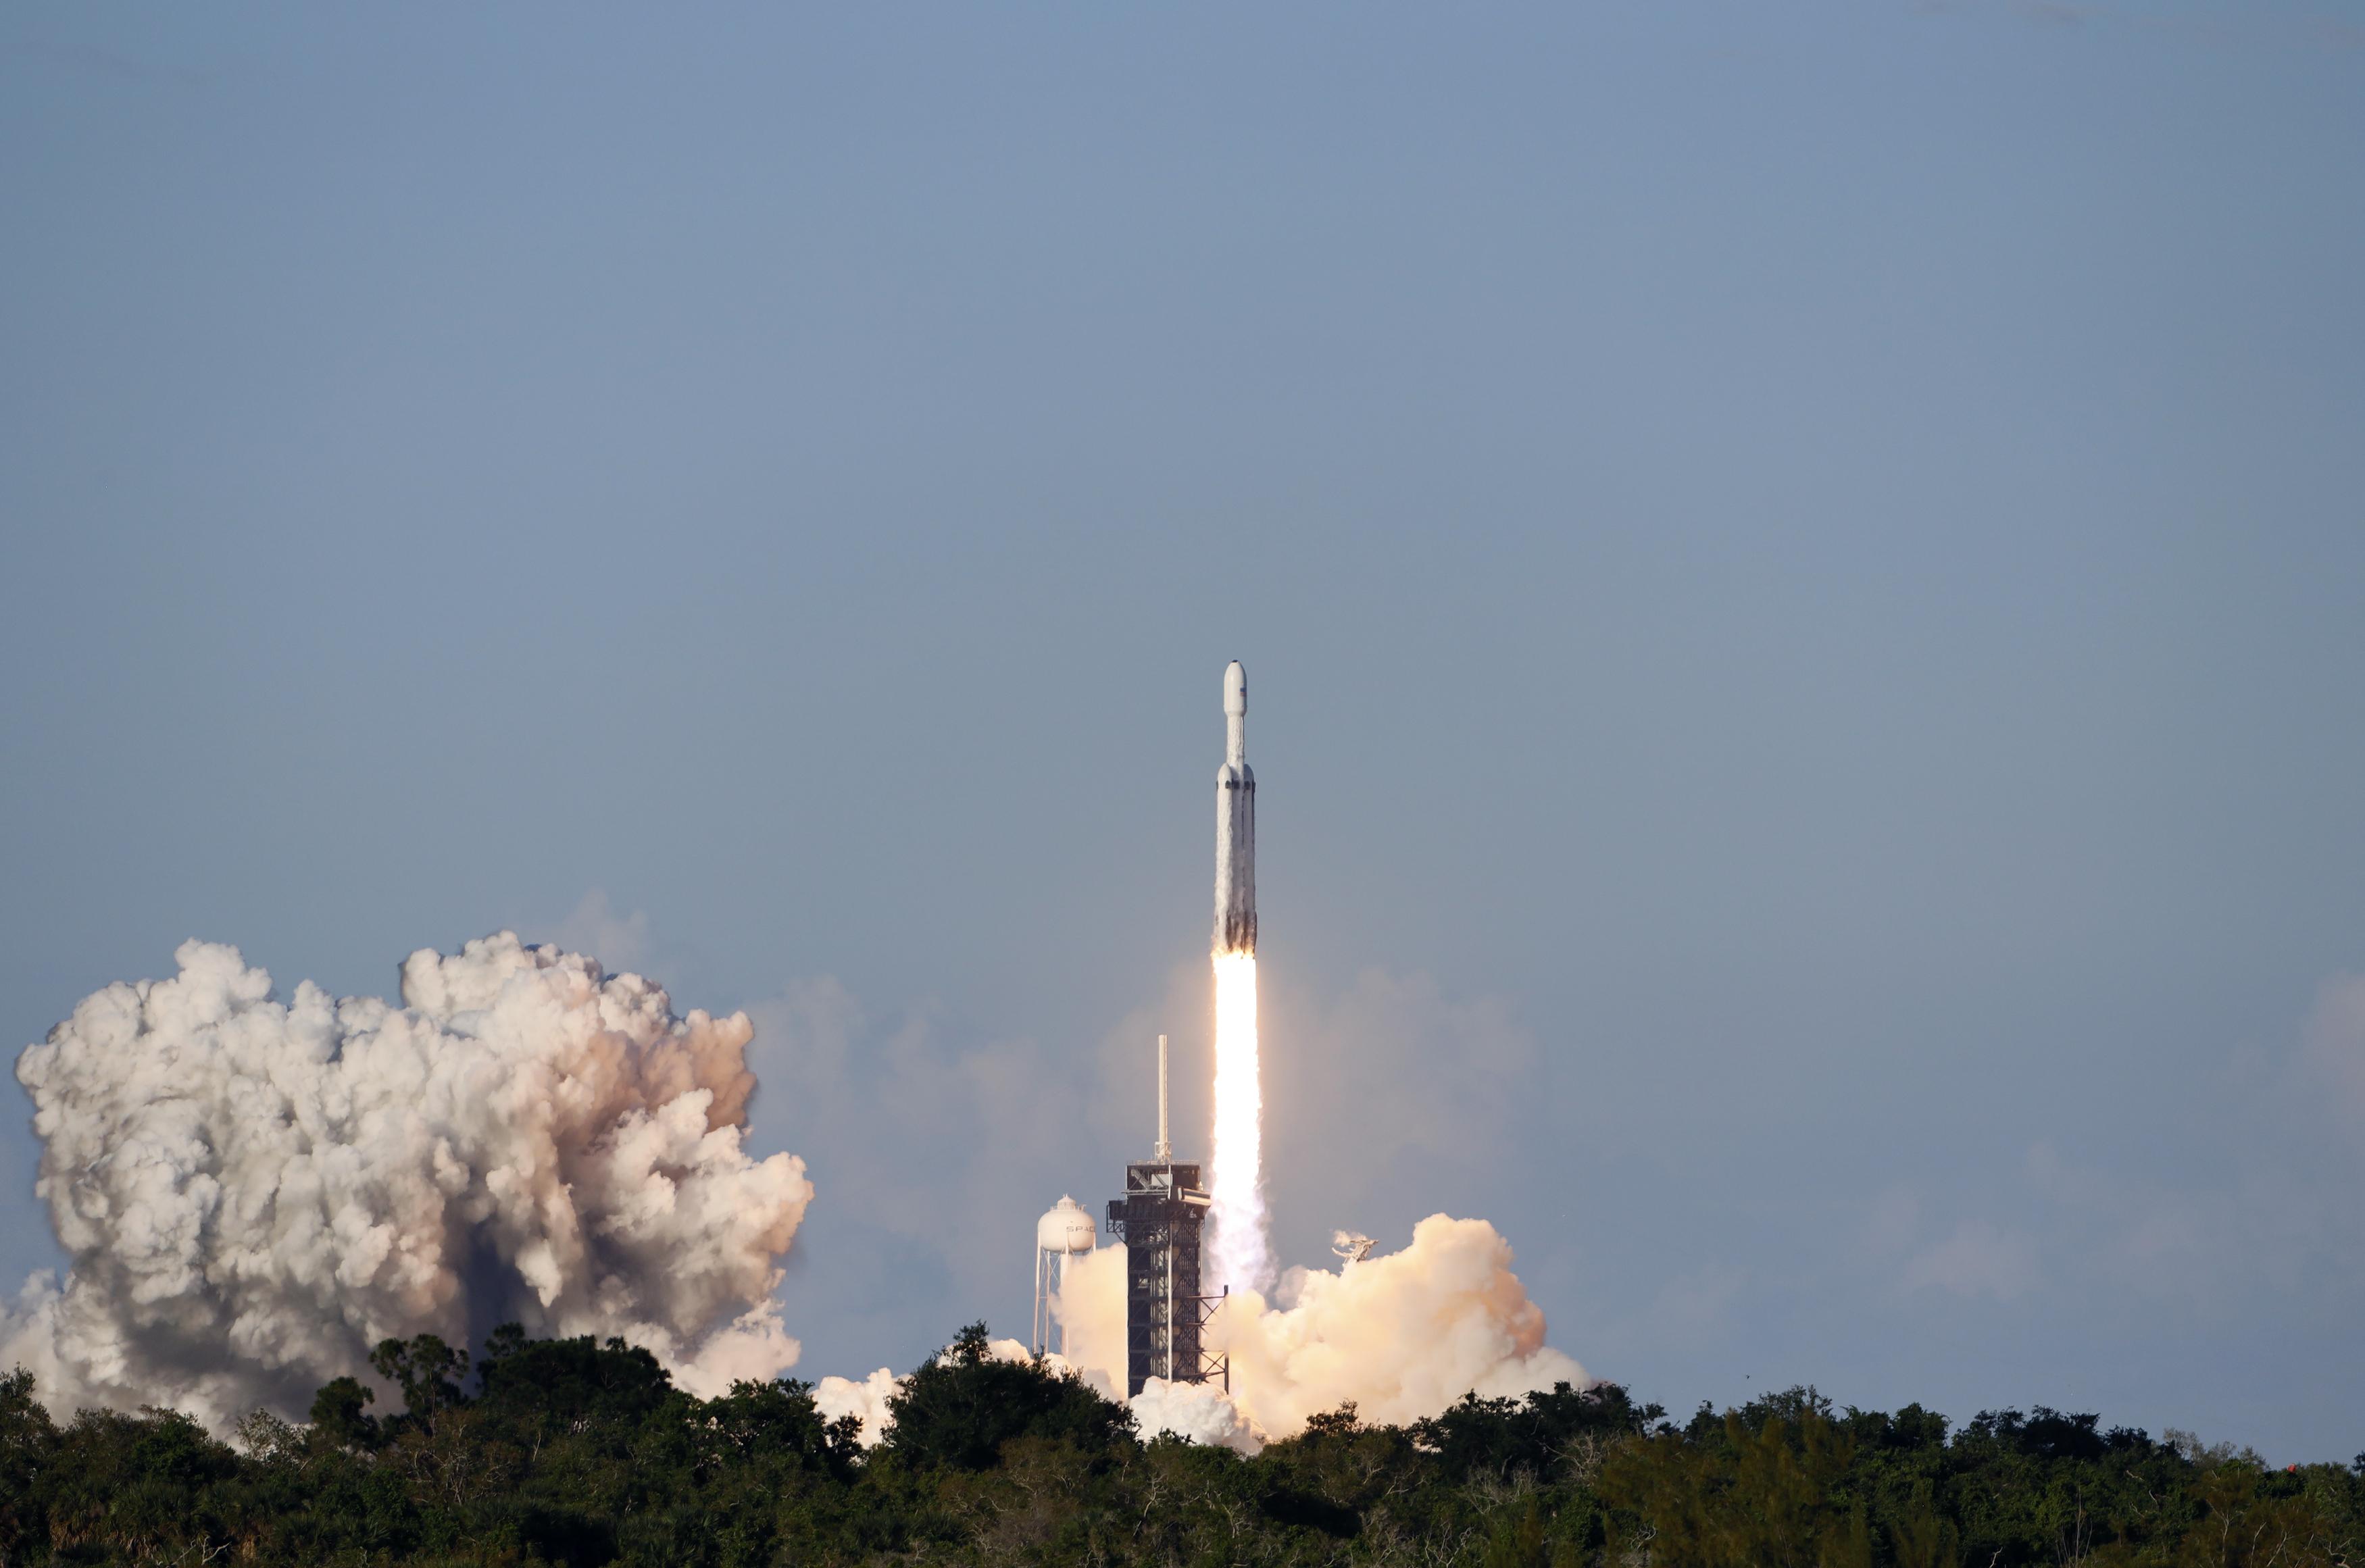 لحظة إطلاق أقوى صاروخ للفضاء (3)